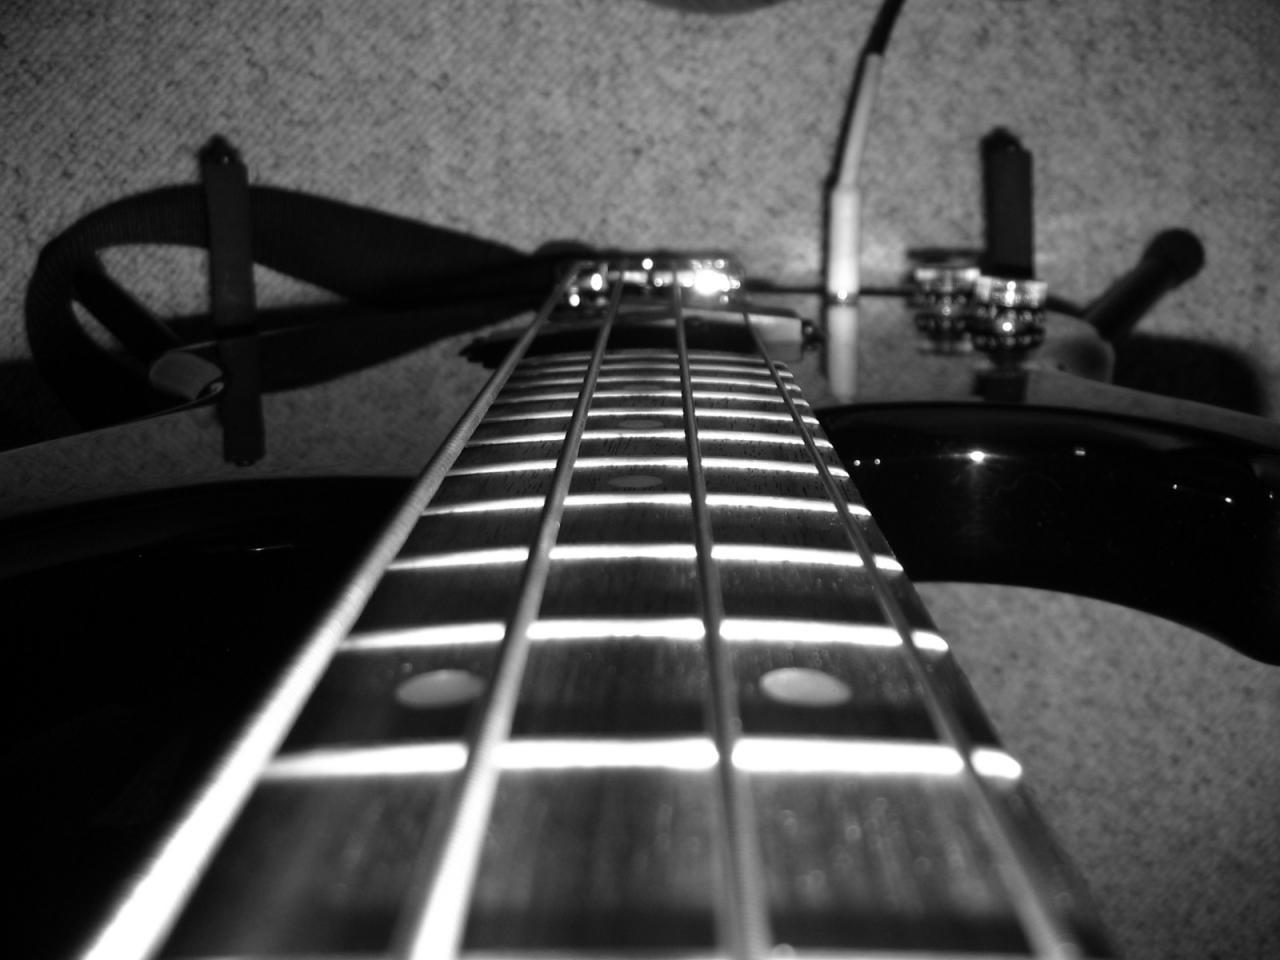 Bass Guitar Normal 43 1280x960 1280x960